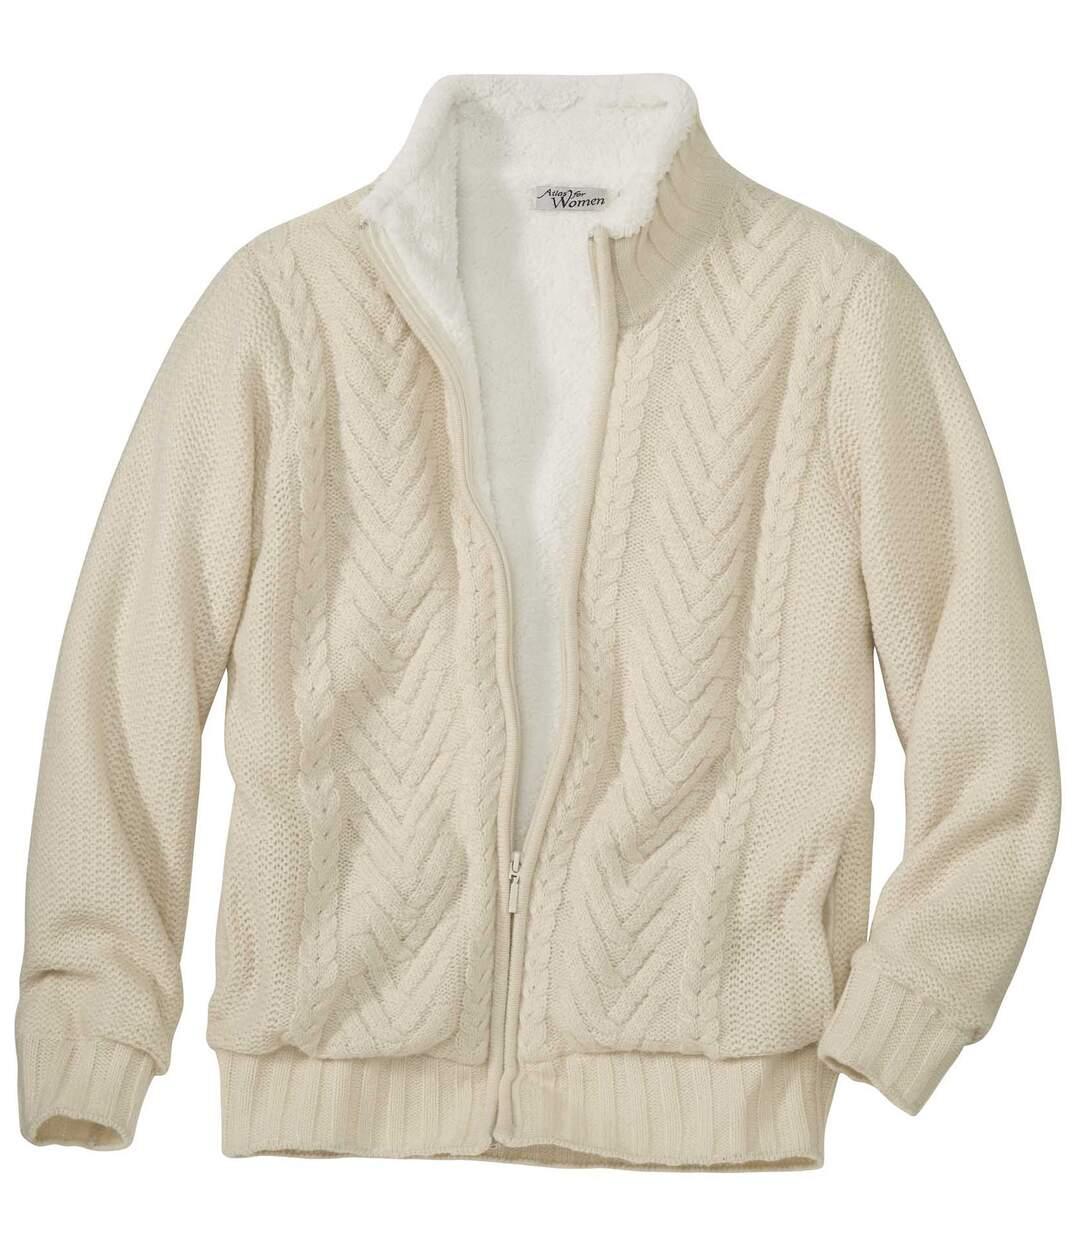 Úpletový svetr s podšívkou z fleecu Coral